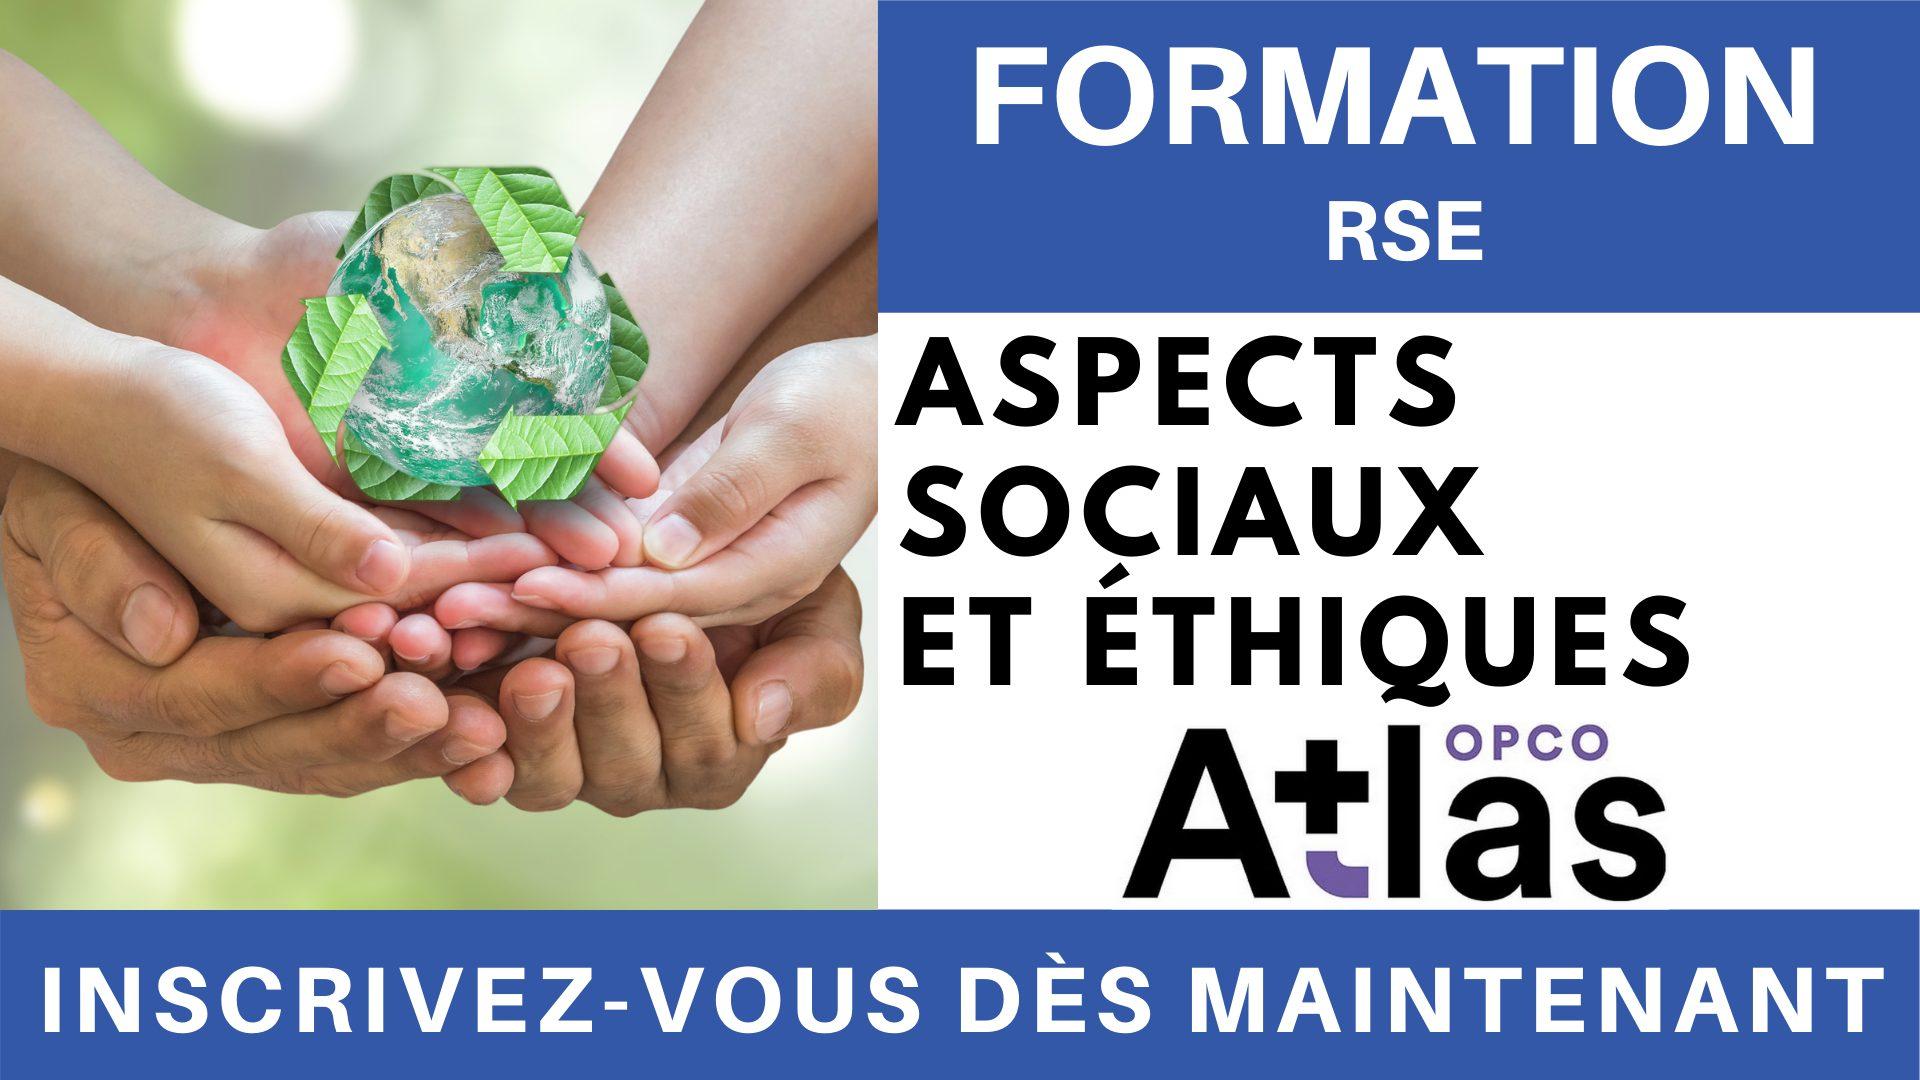 Formation RSE - Aspects sociaux et éthiques